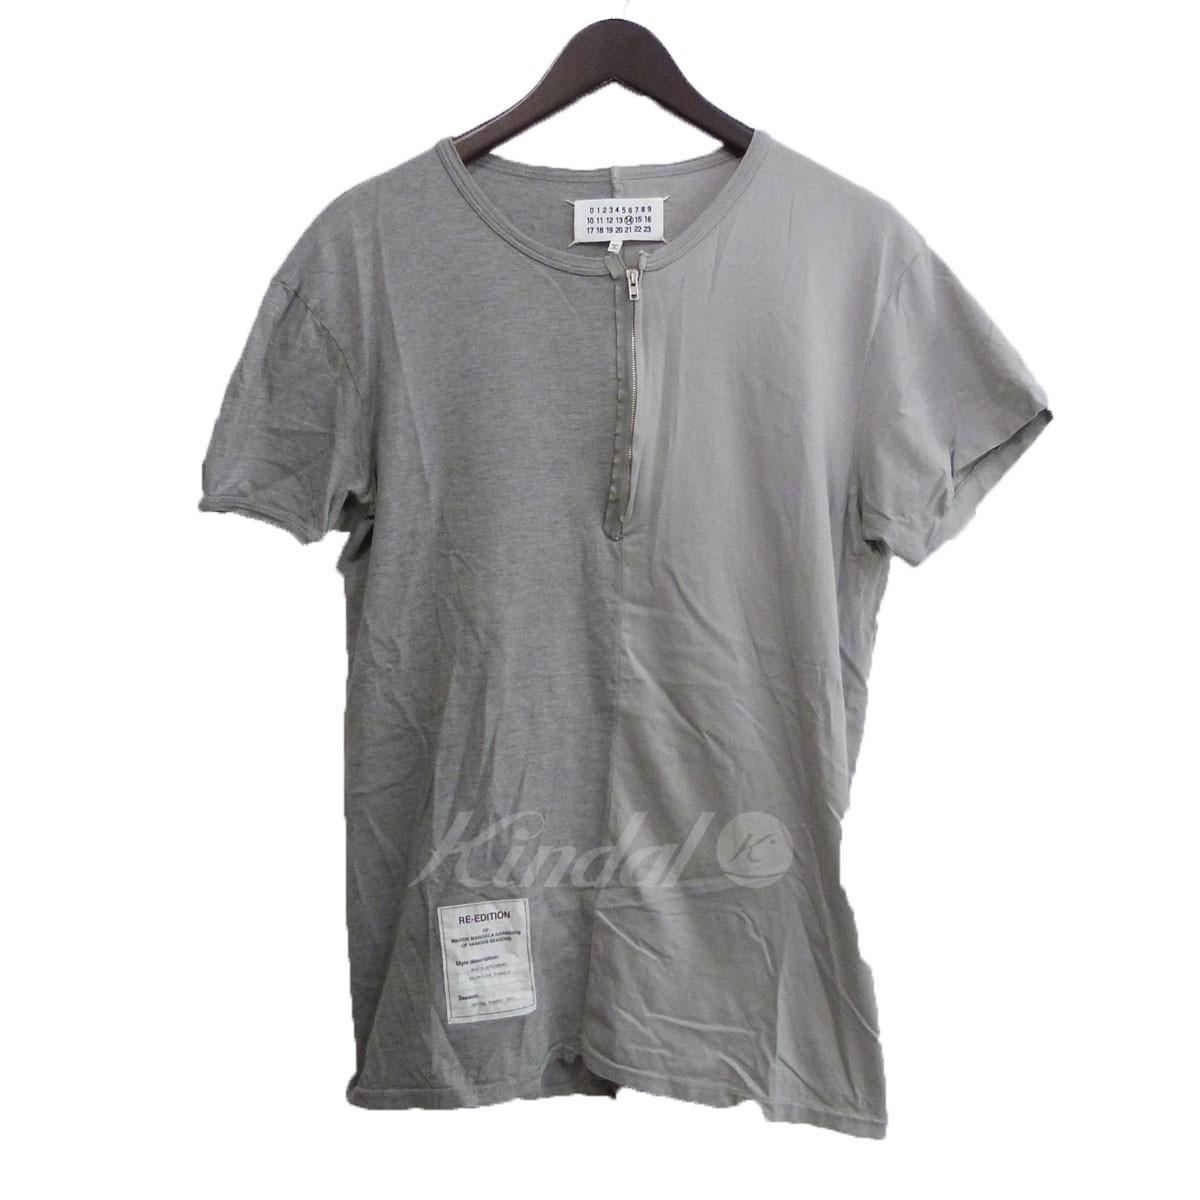 人気絶頂 【中古】Martin Margiela14 グレー 17AW 「Asymmetric T-shirt」アシンメトリーTシャツ グレー サイズ:52 17AW【送料無料【中古】Martin】【280718】(マルタン・マルジェラ14), 家具インテリア館:f1245912 --- smotri-delay.com